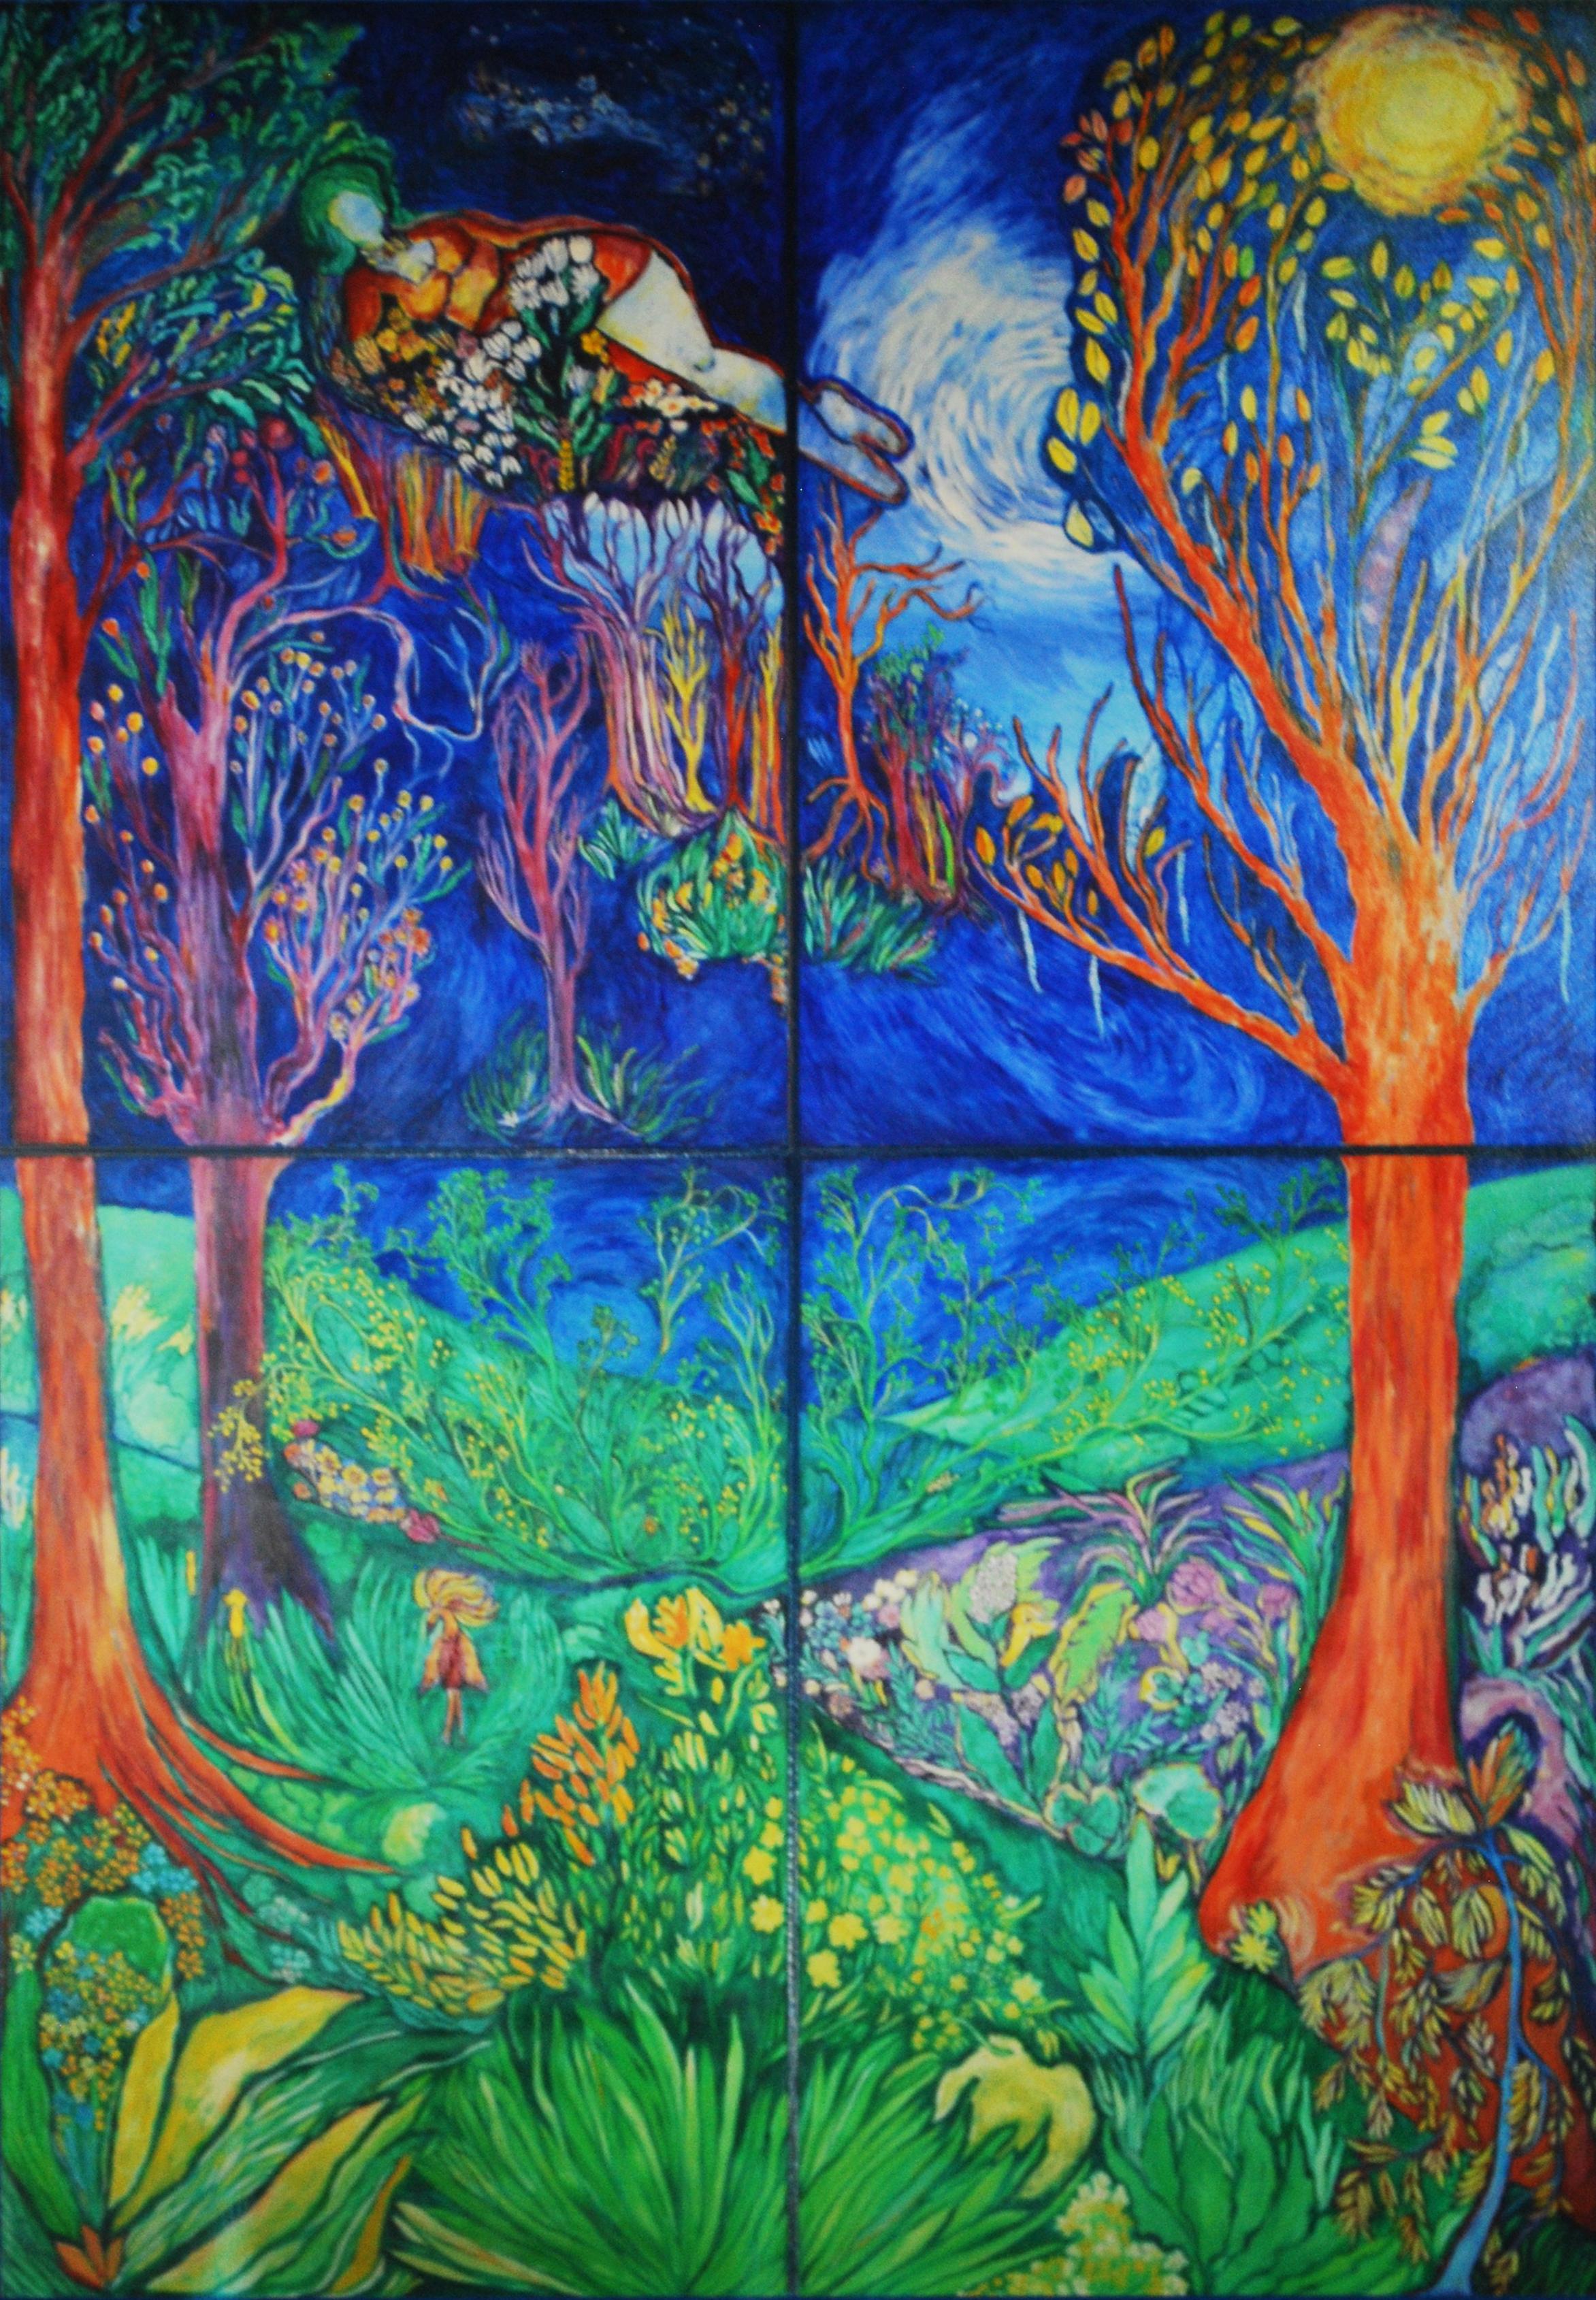 8' x 12' - Acrylic on canvas